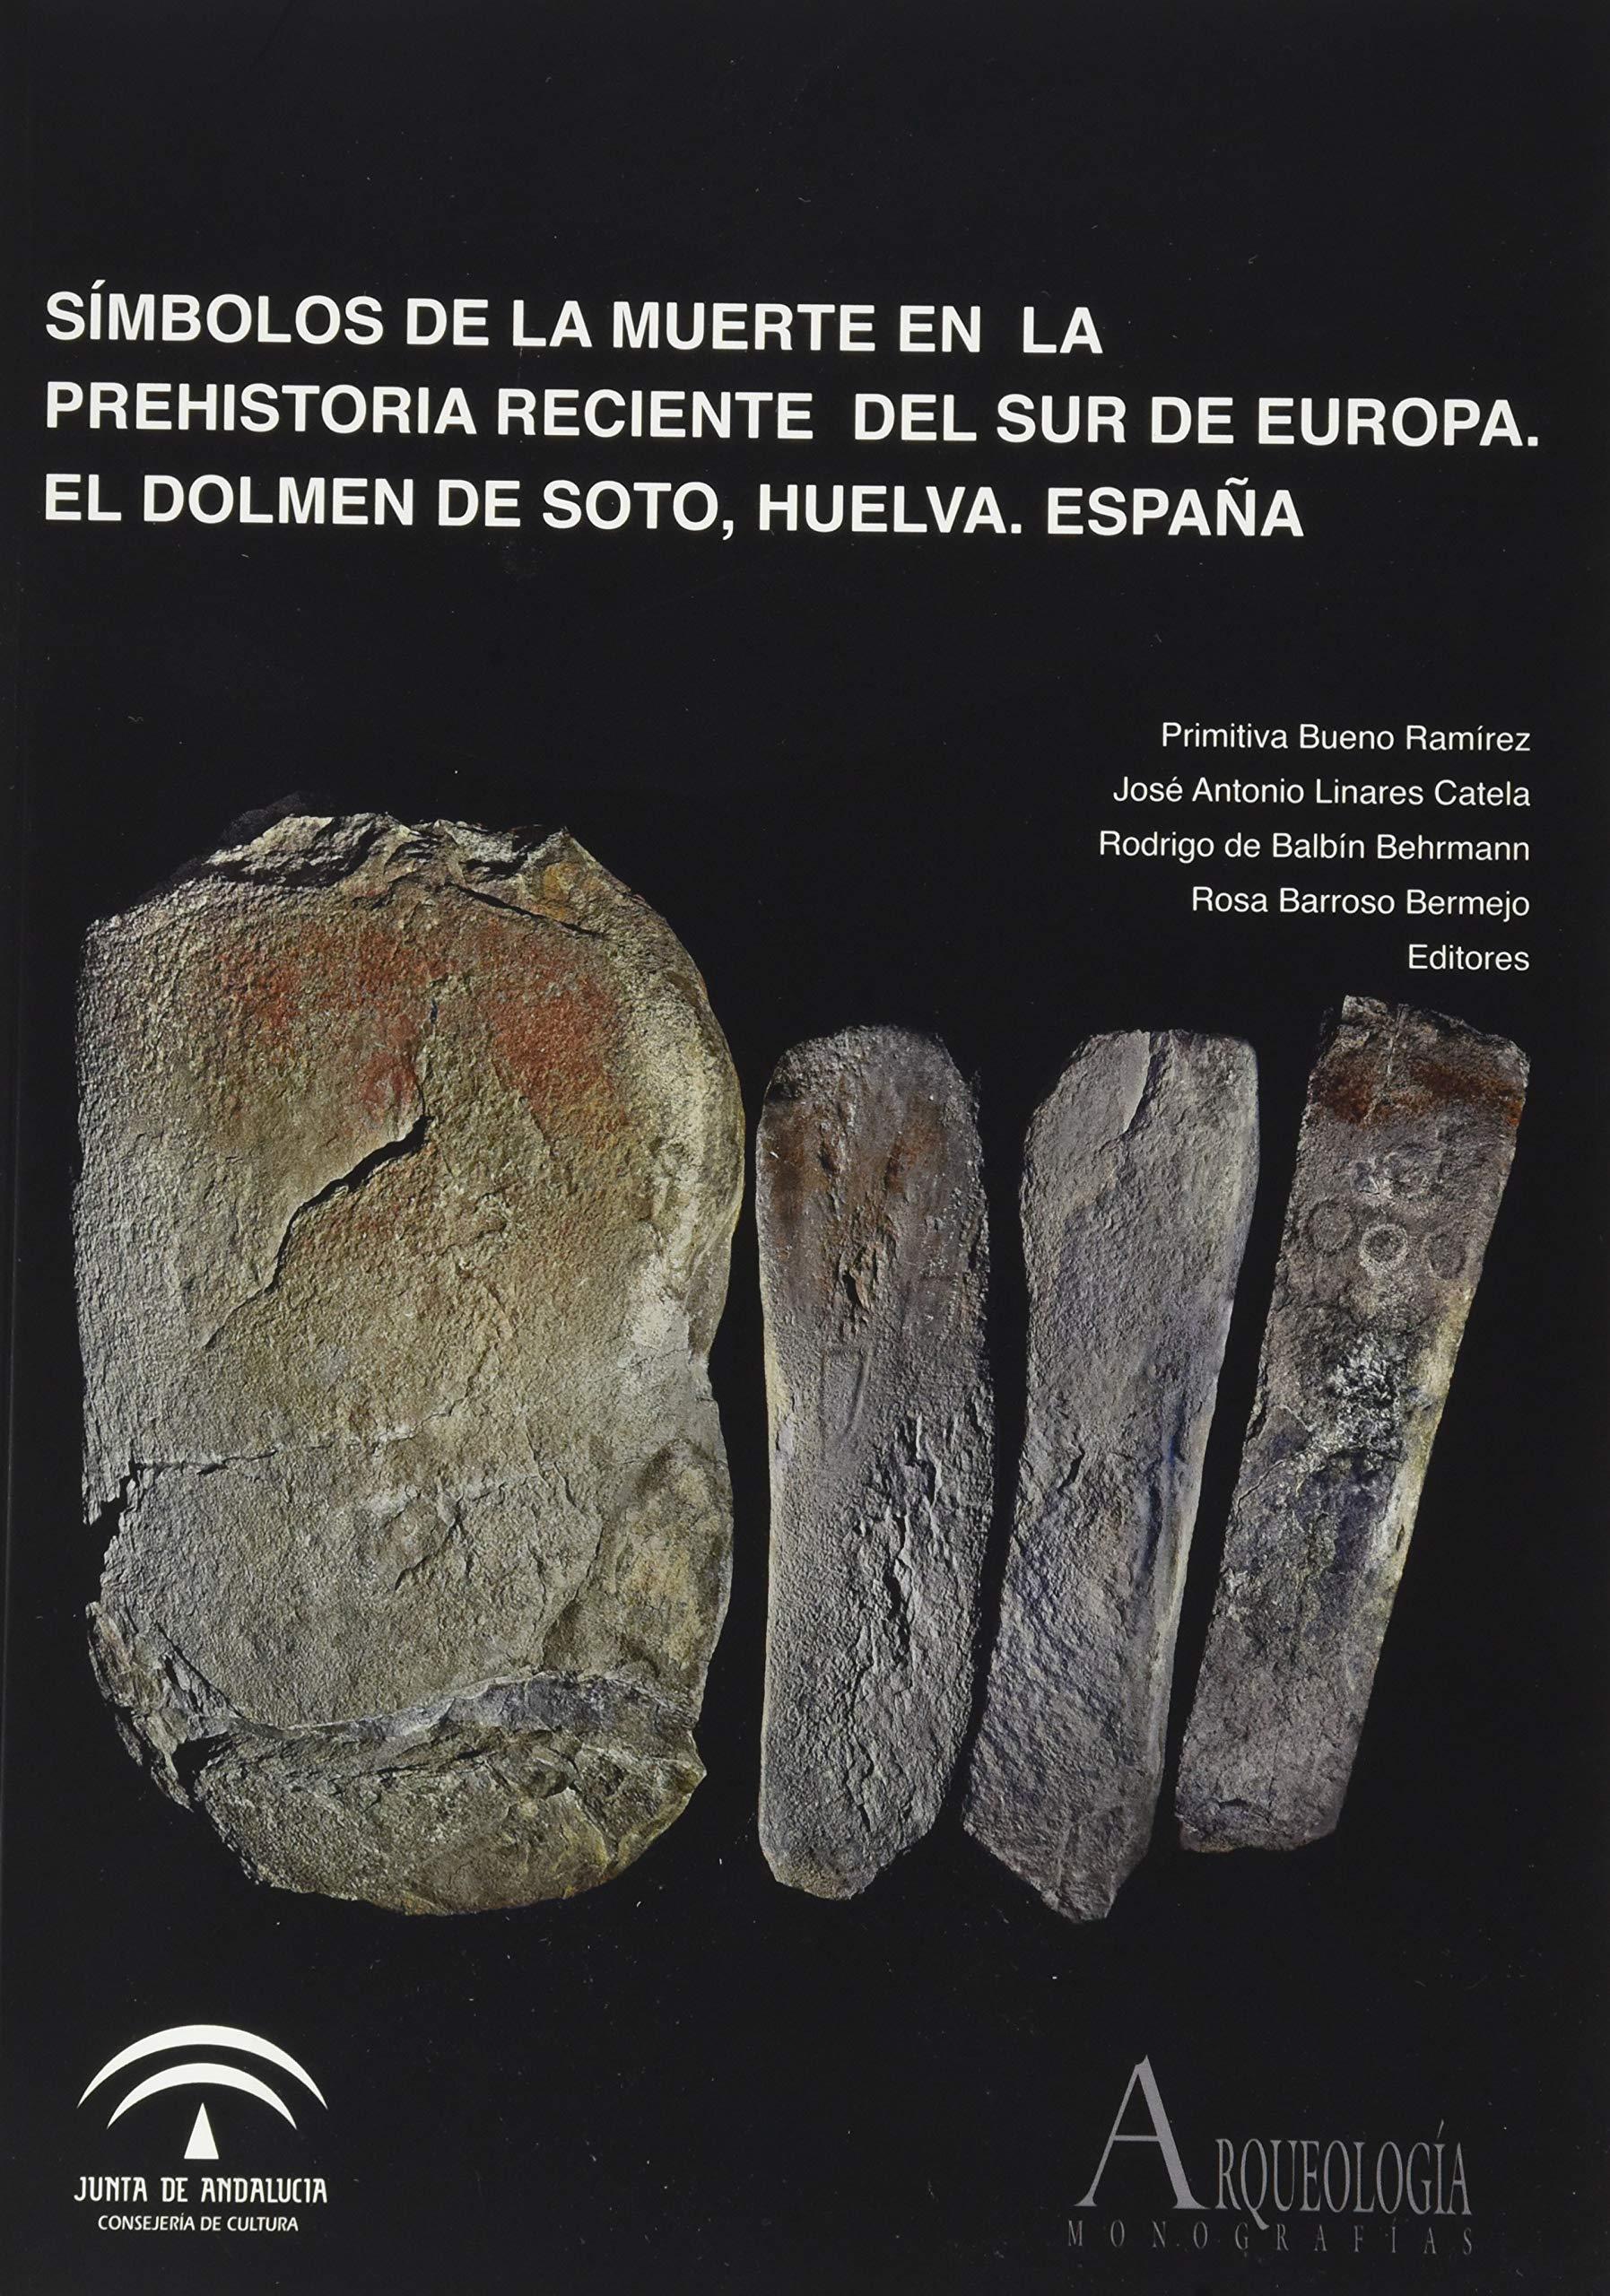 Símbolos de la muerte en la Prehistoria reciente del sur de Europa: el Dolmen de Soto, Huelva, España: 0 Arqueología. Monografías: Amazon.es: VVAA: Libros